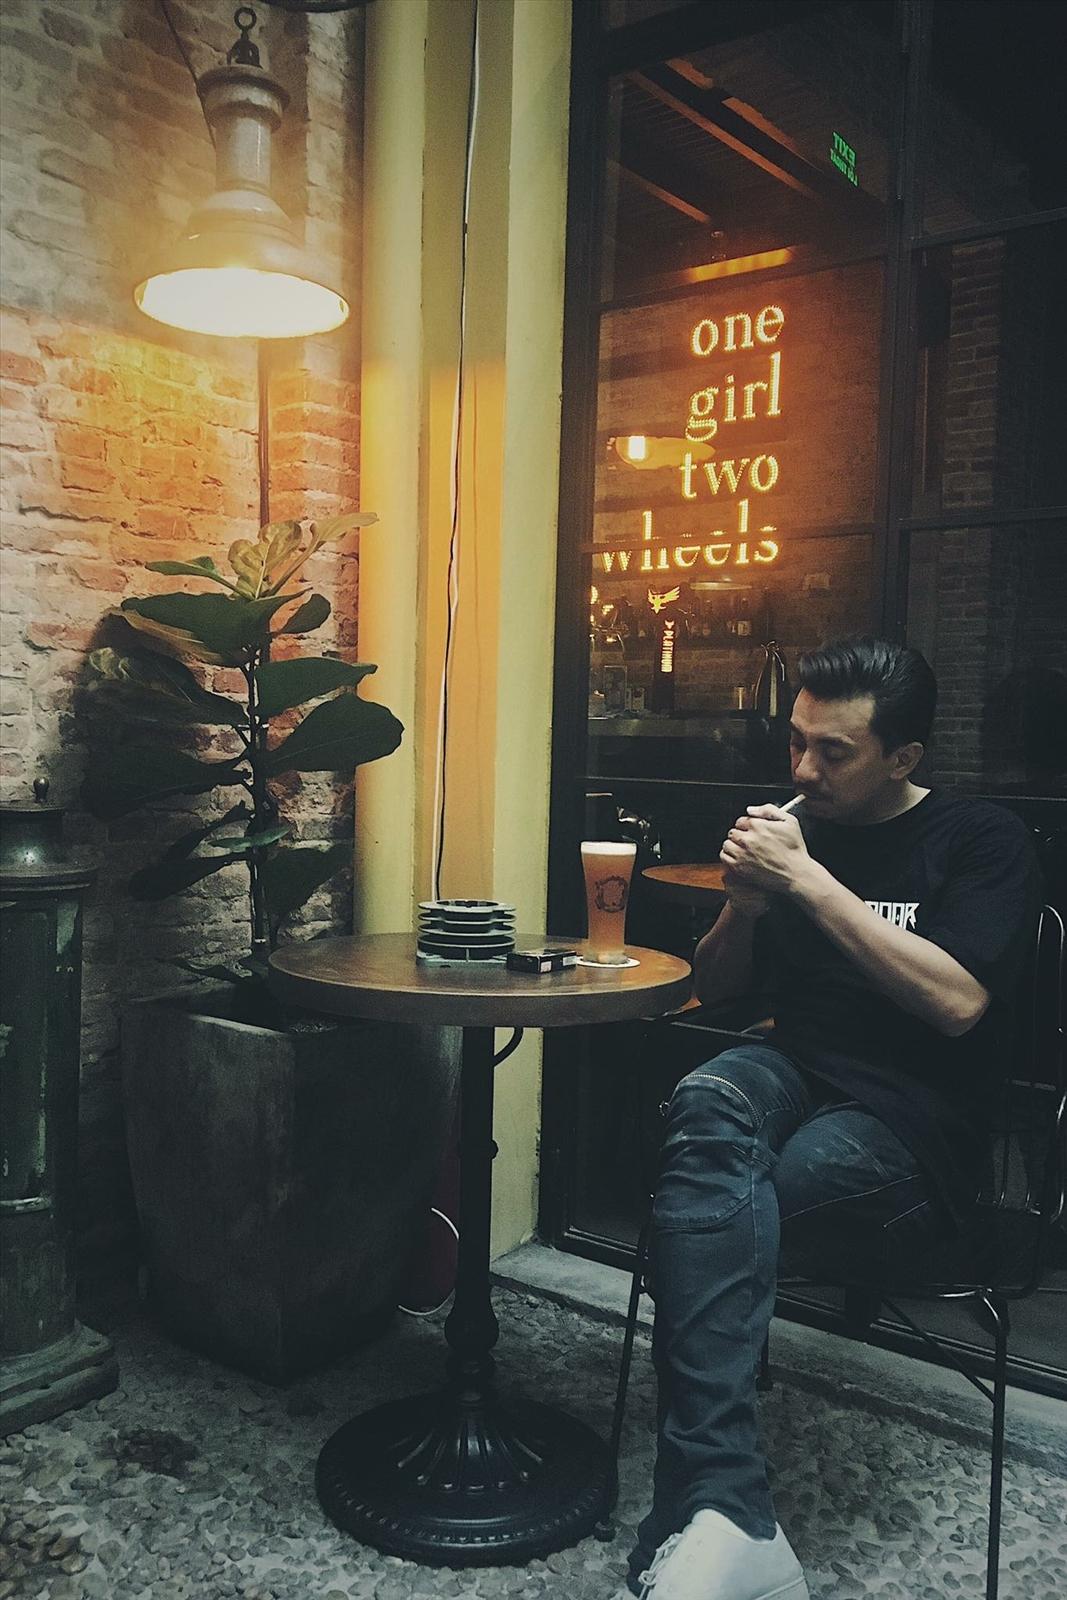 Chân Bàn Tròn Cafe Gang Đúc Cổ Điển - Nhà Hàng Quán Ăn Ở Tphcm CT025 - Hình 12